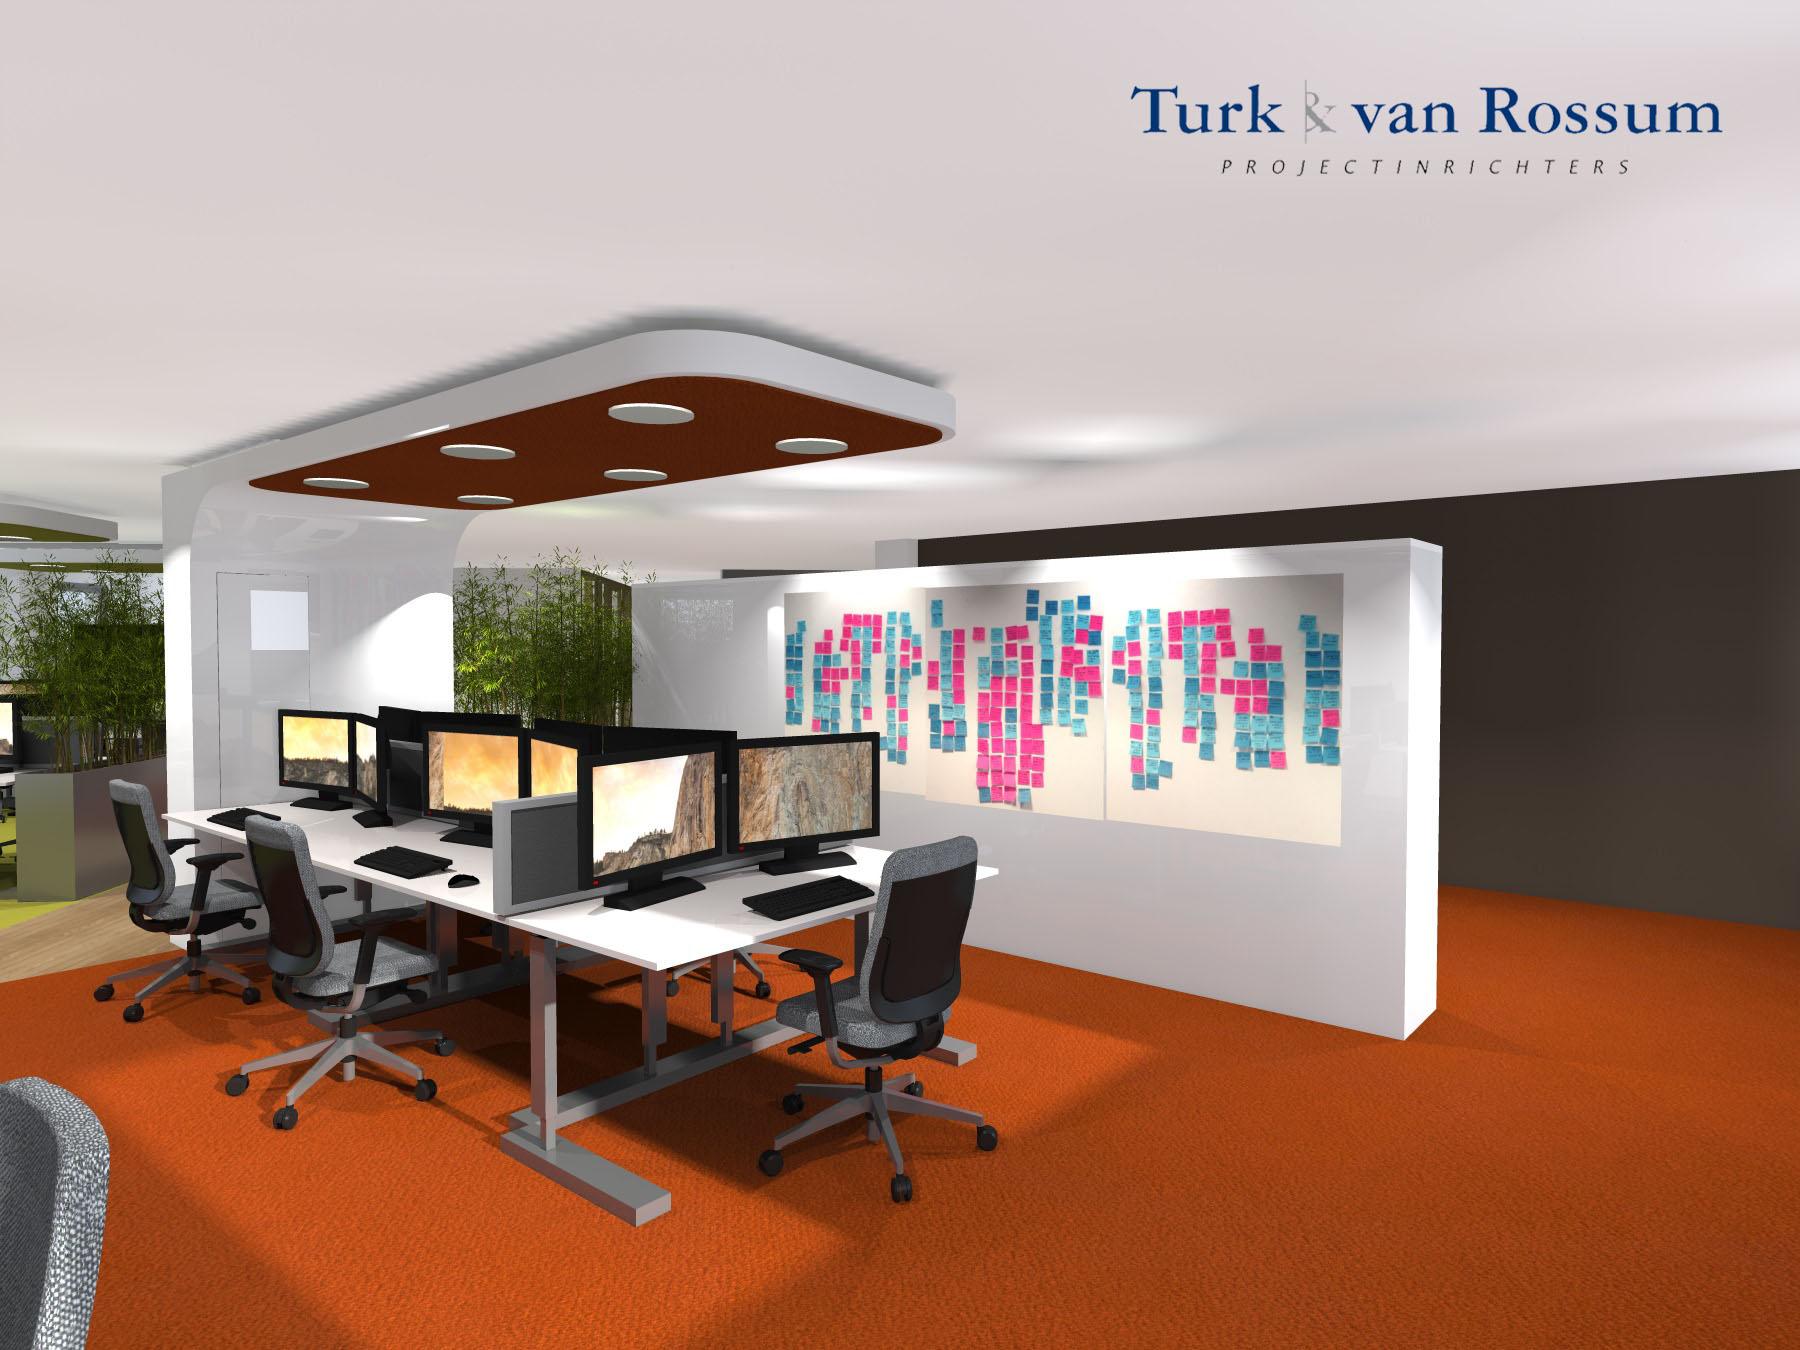 Turk en Van Rossum in Noordwijkerhout